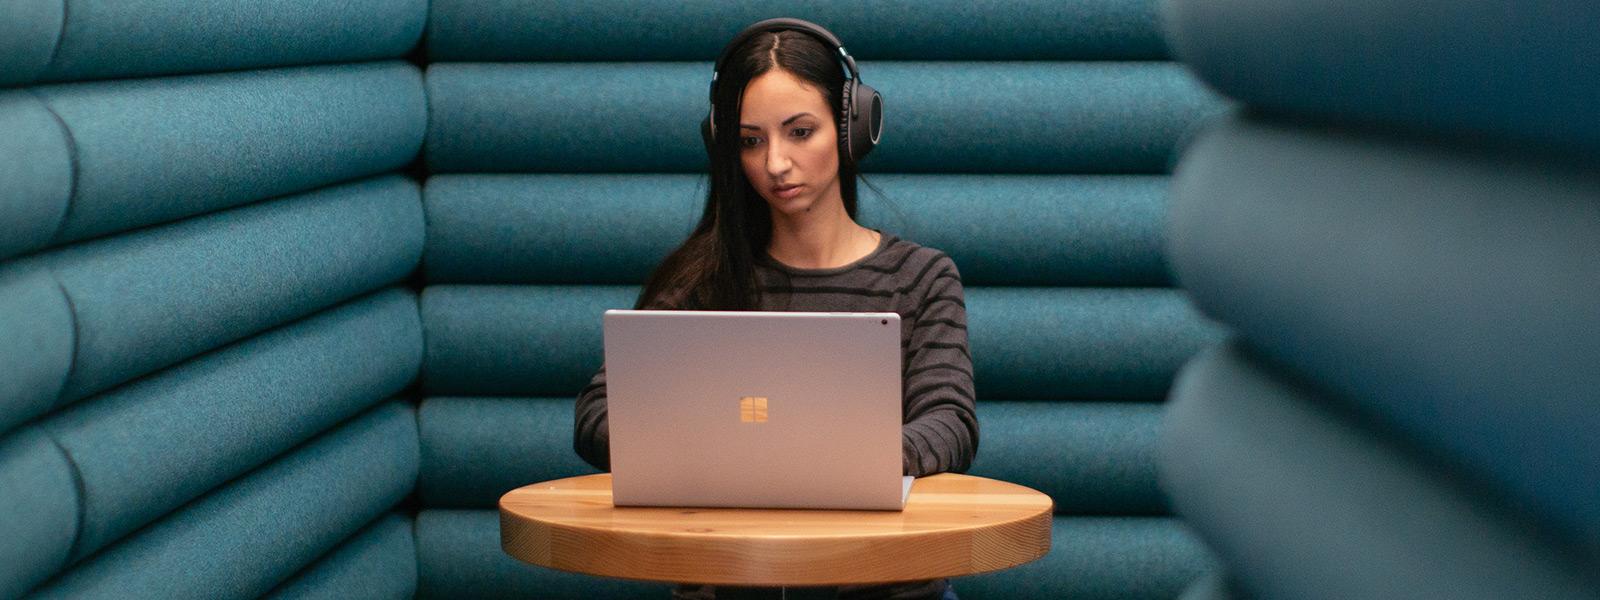 Женщина сидит одна в спокойной обстановке, надев наушники и работая на компьютере с Windows 10